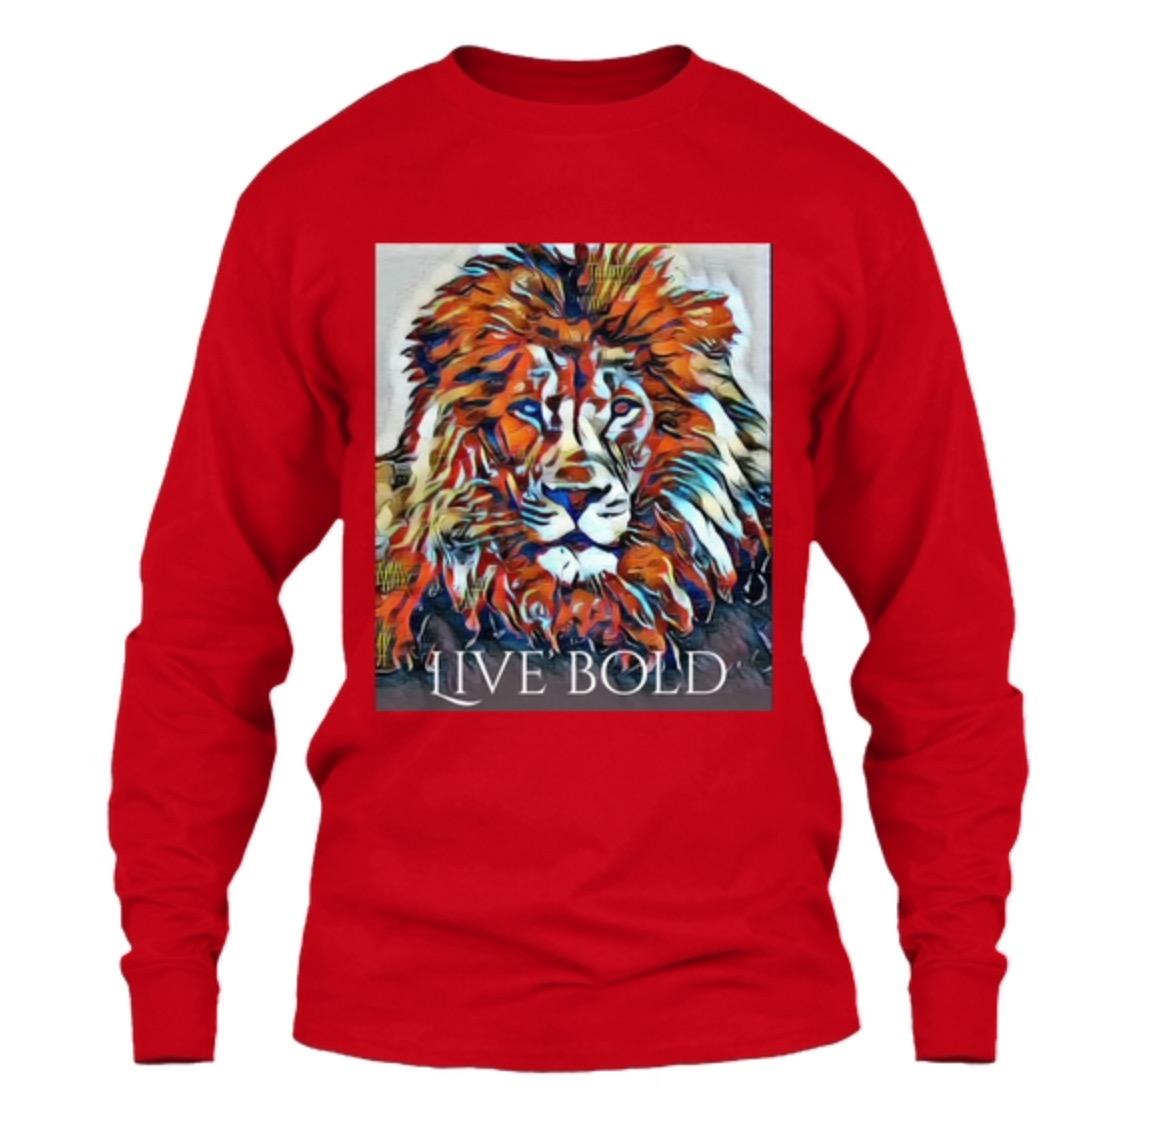 Live Bold.iir